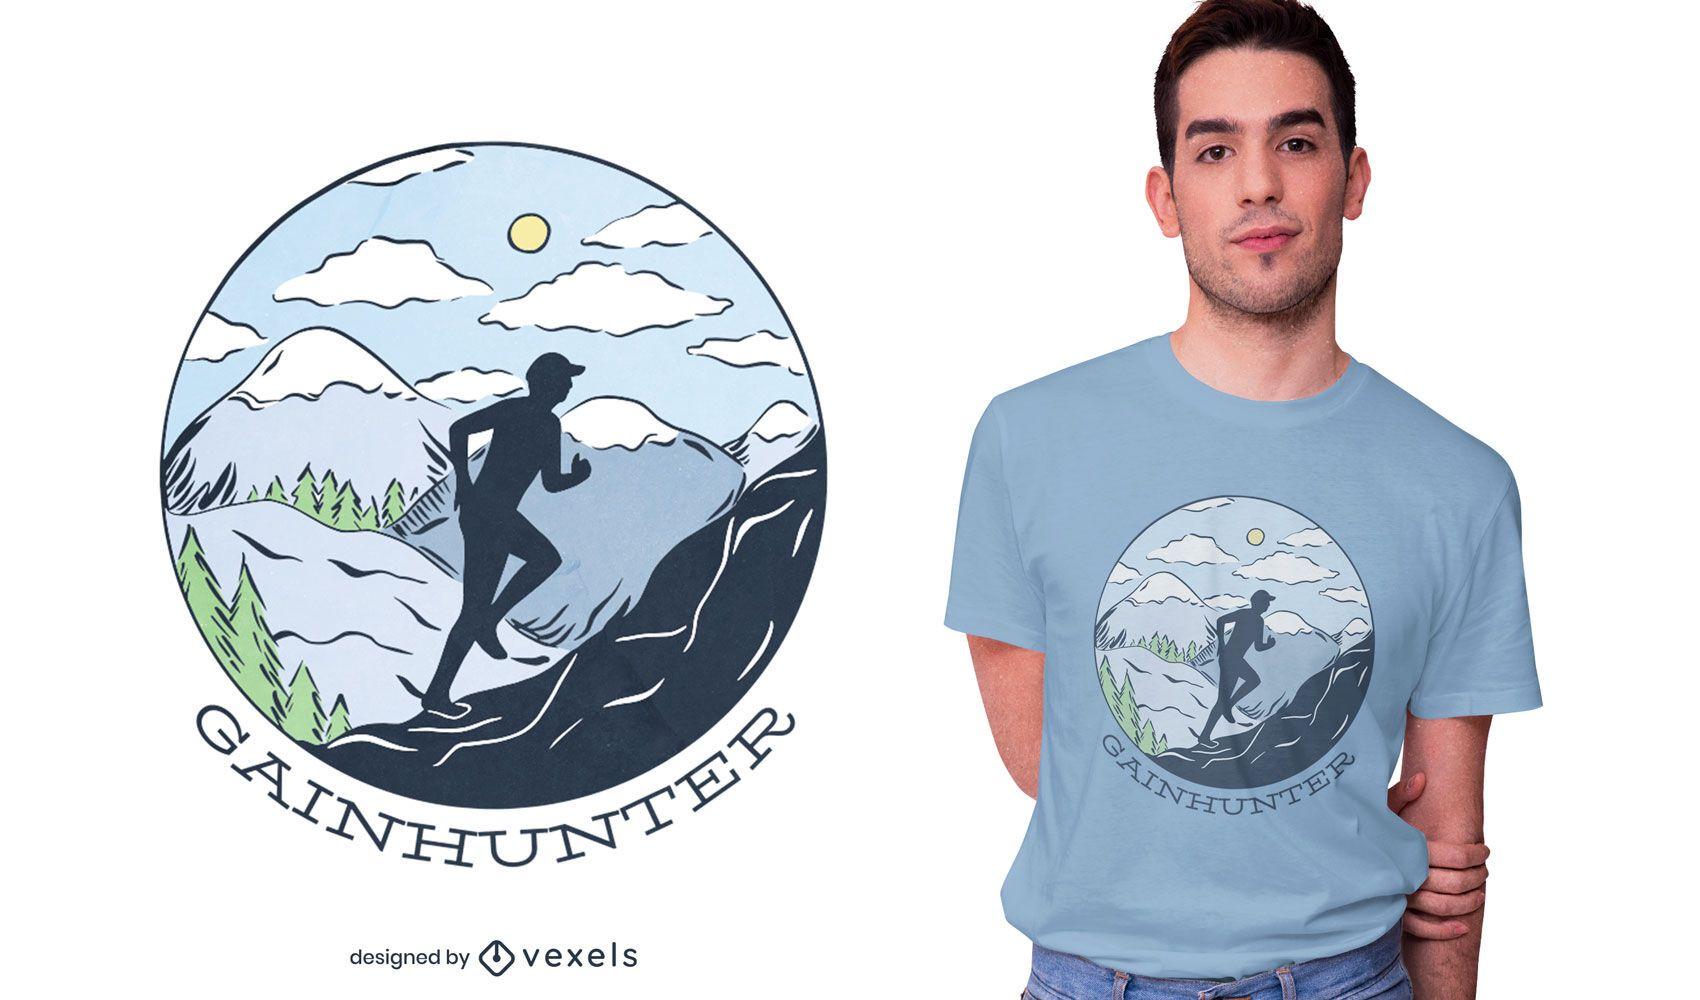 Gainhunter runner t-shirt design